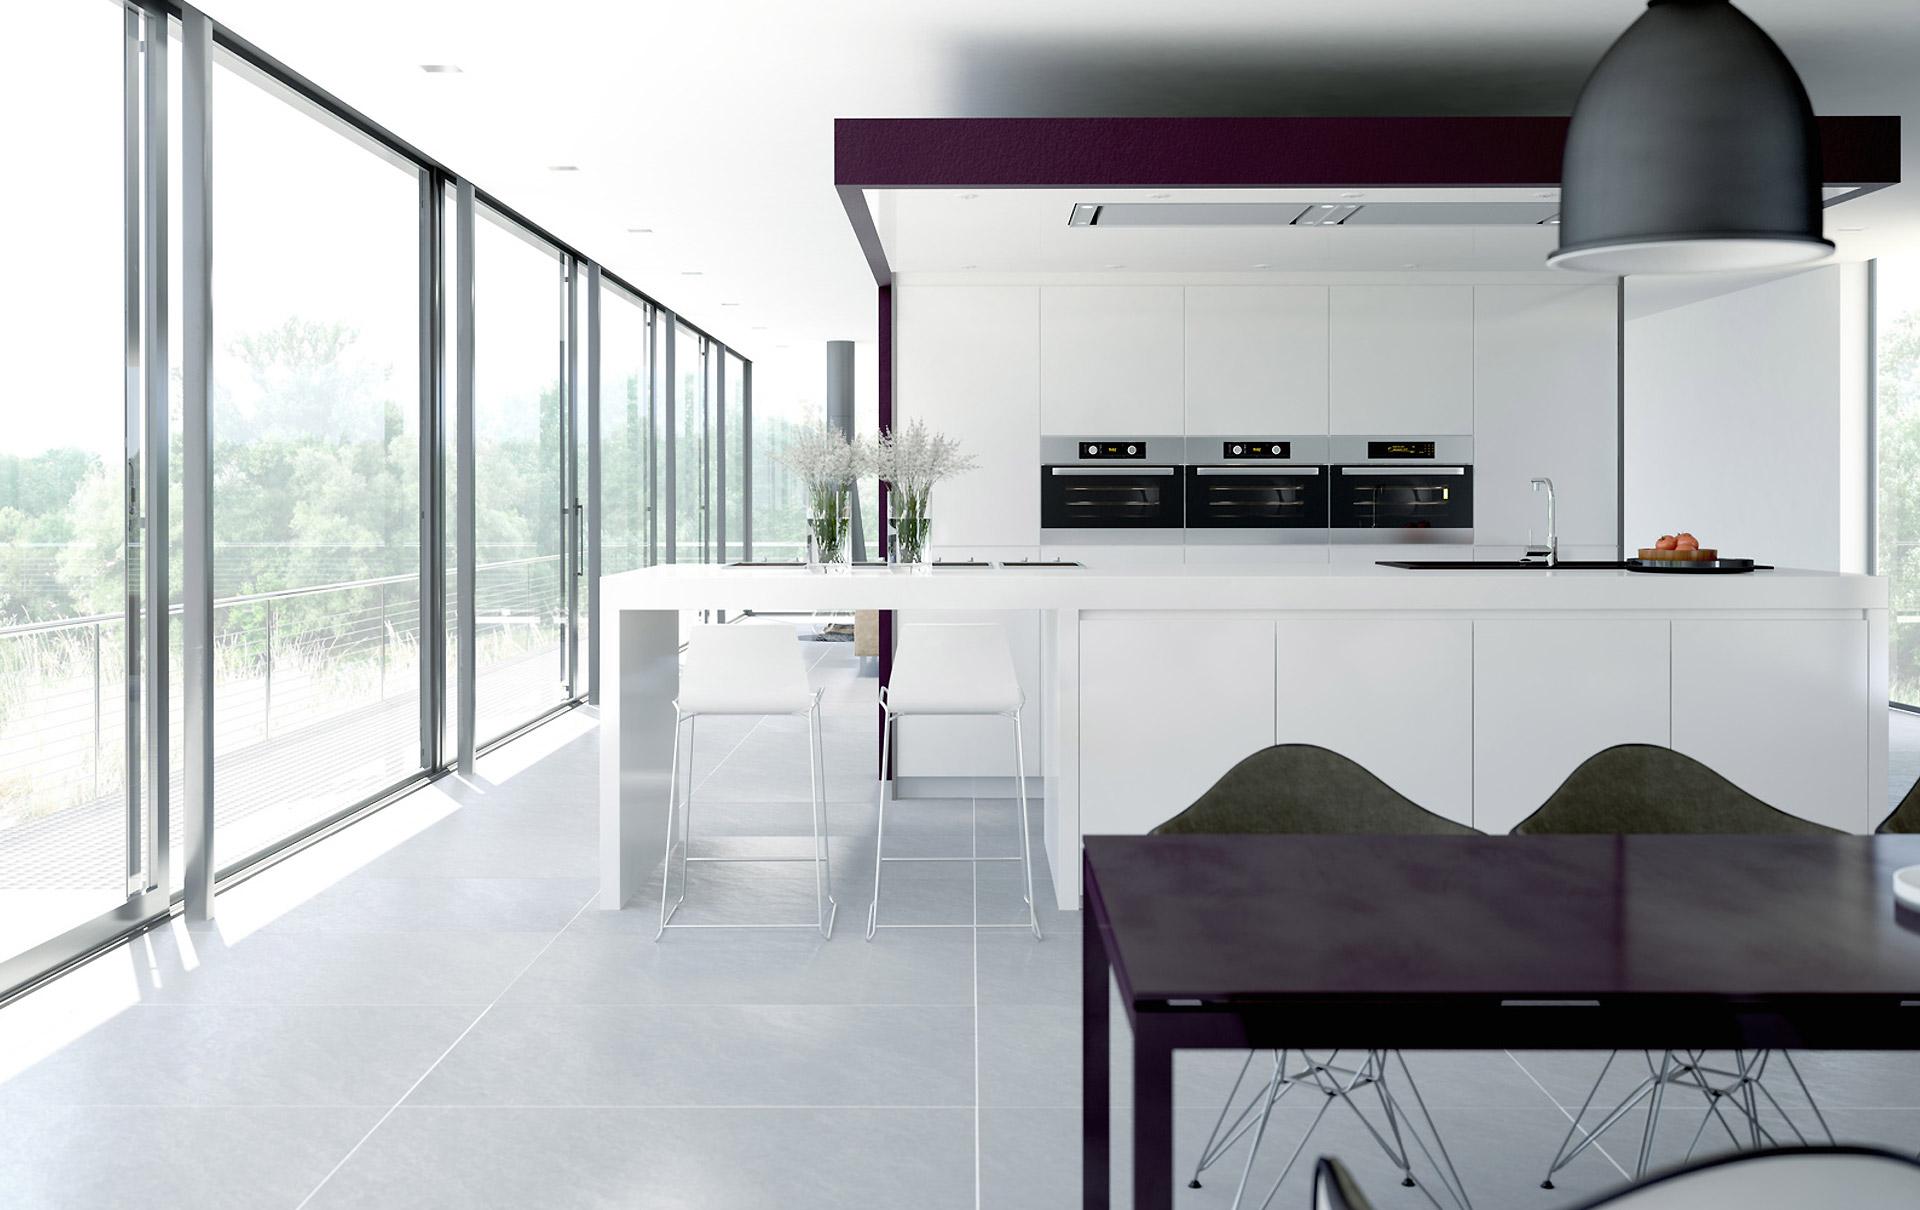 groupe ieg immobilier perpignan et environs location et vente perpignan. Black Bedroom Furniture Sets. Home Design Ideas